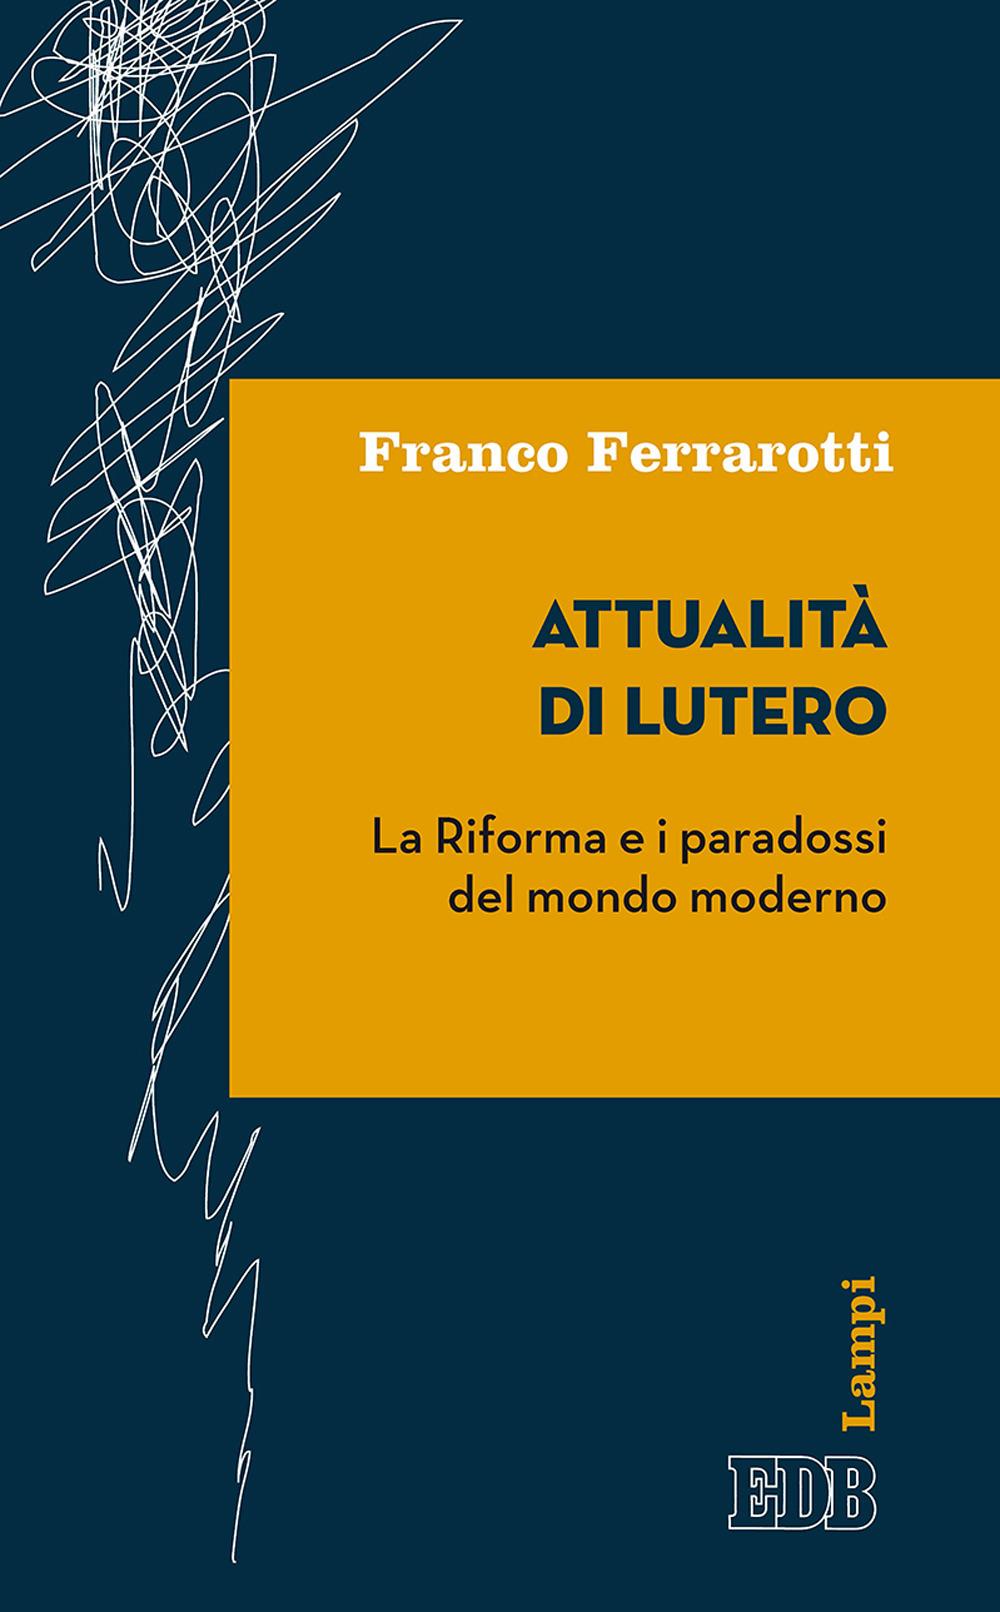 Attualità di Lutero. La riforma e i paradossi del mondo moderno